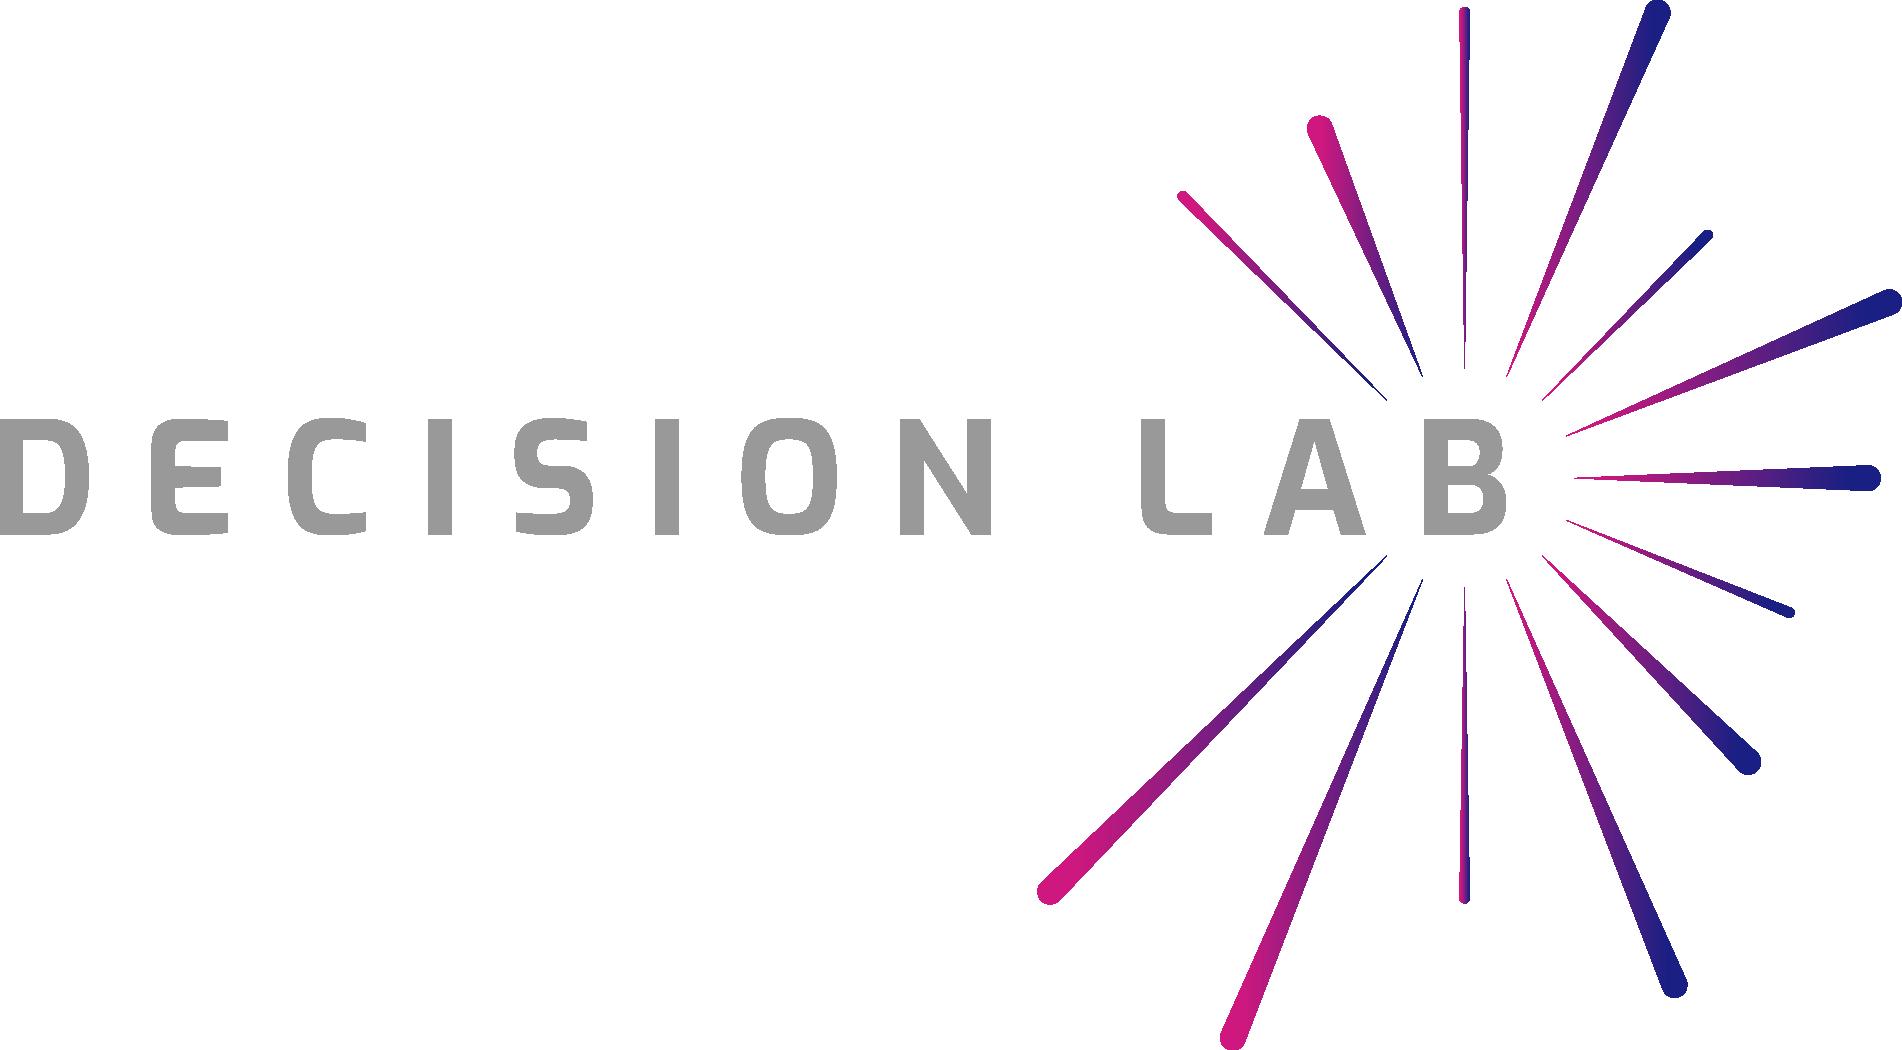 Decision Lab